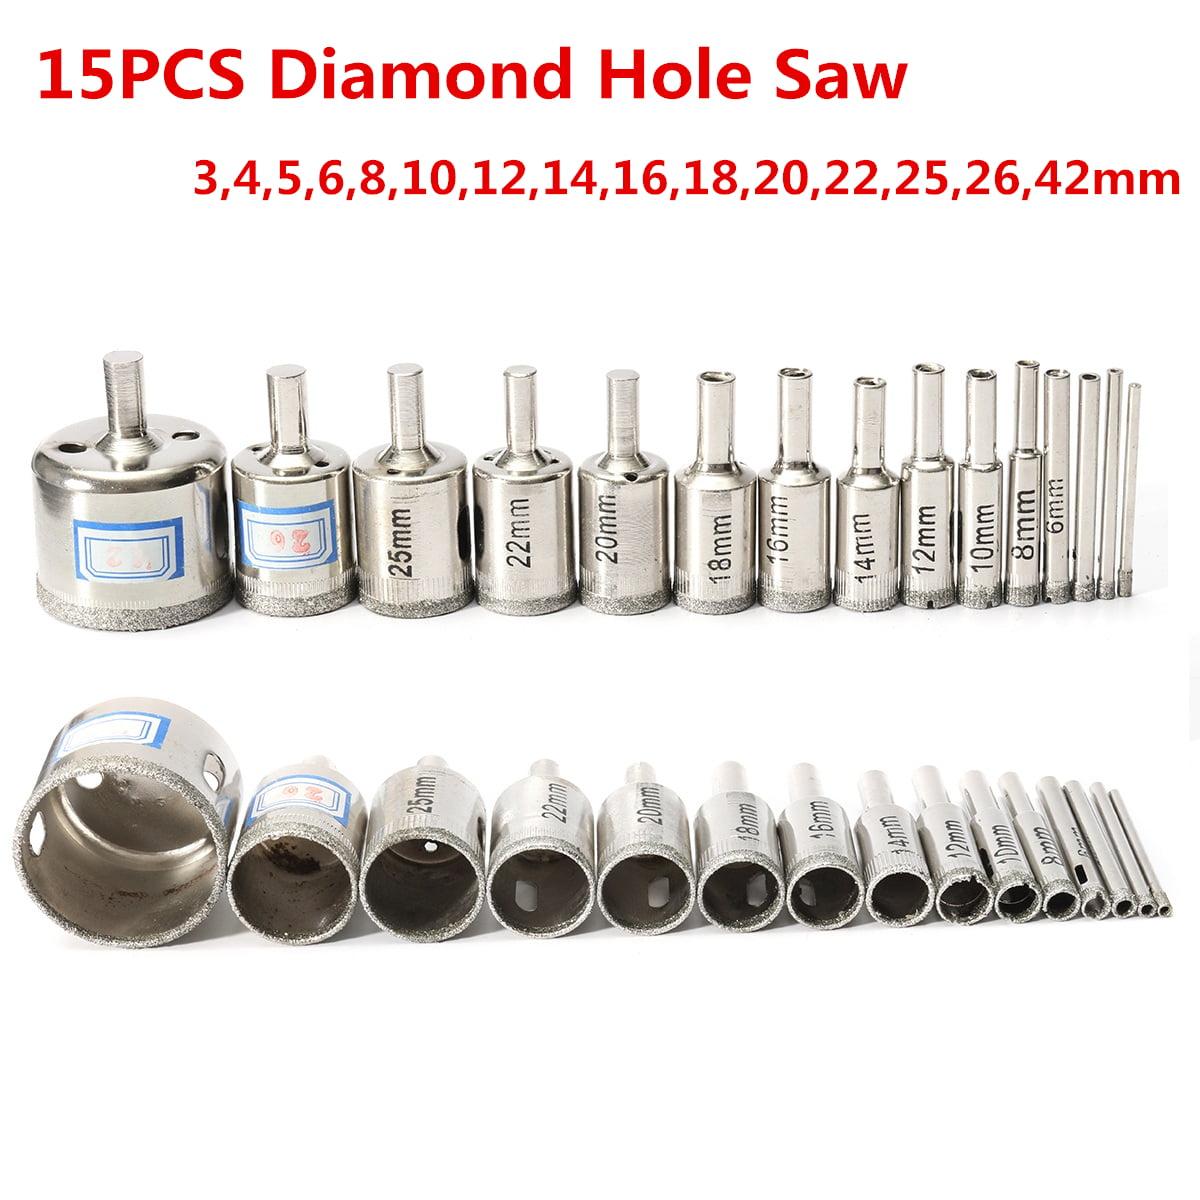 Diamond Coated Core Hole Saw Drill Bit Set, 15 Pcs 3mm-42mm Diamond Holesaw Drill Bit Hole... by